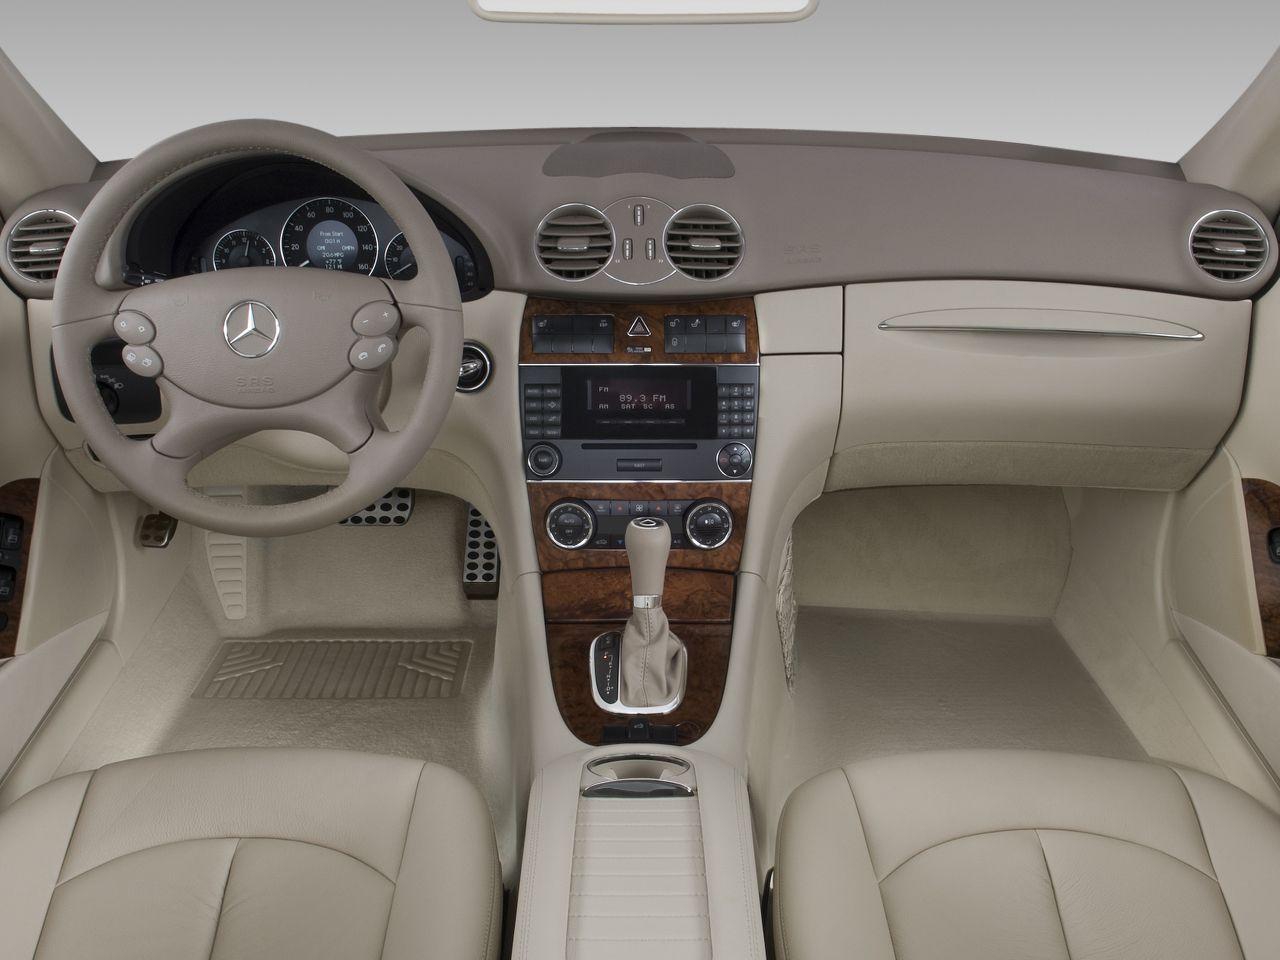 Mercedes benz clk350 cabriolet